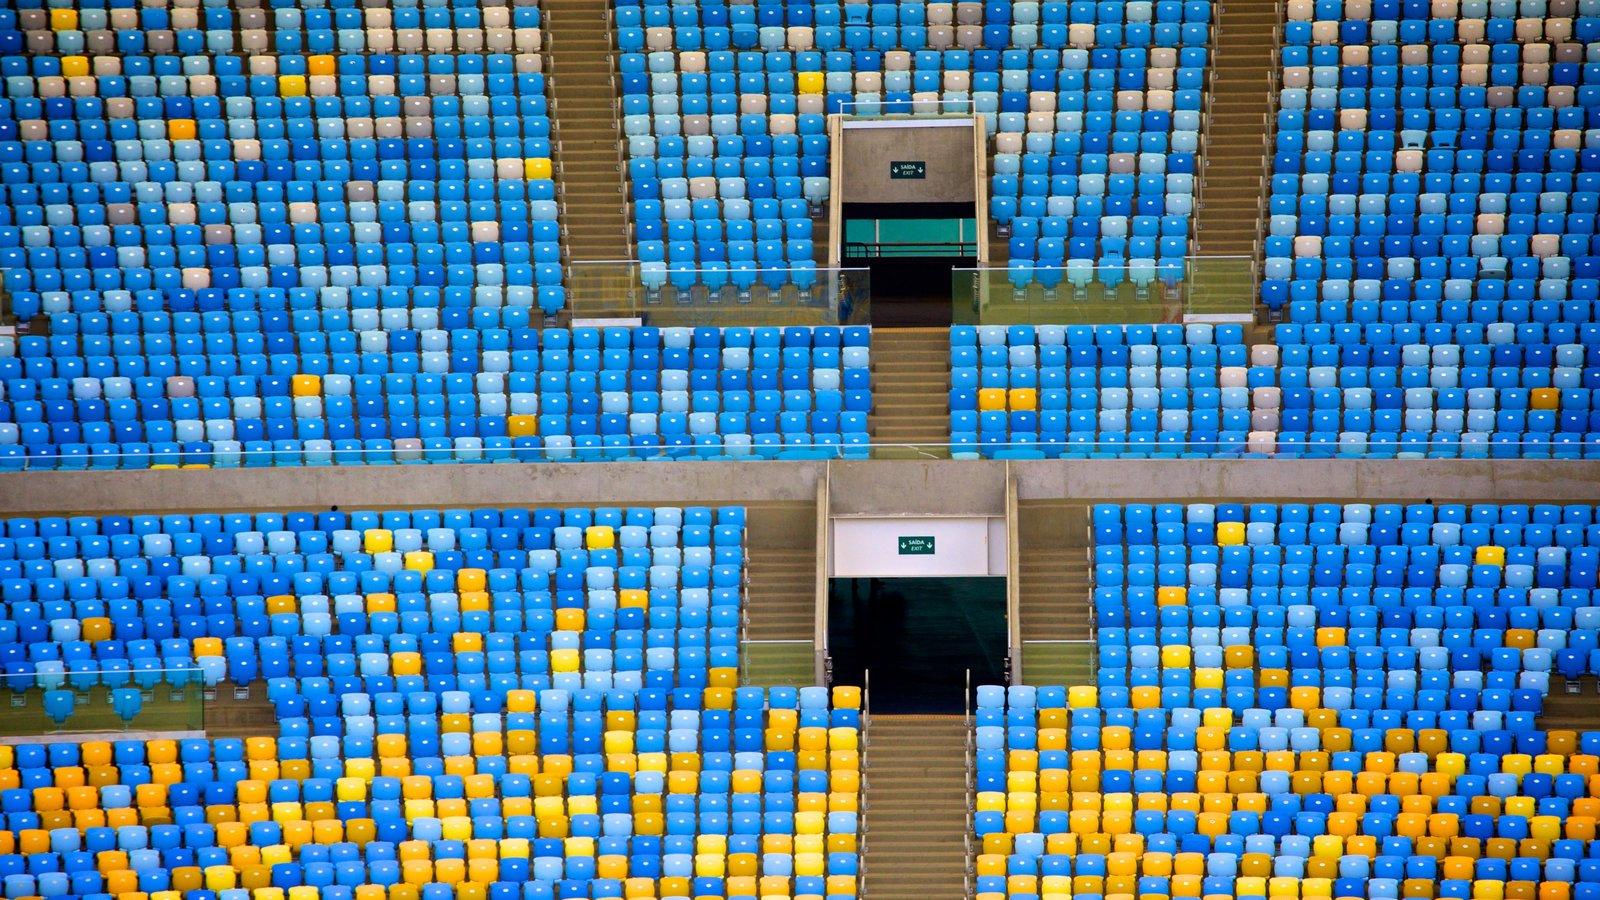 Estádio Mário Filho mostrando vistas internas